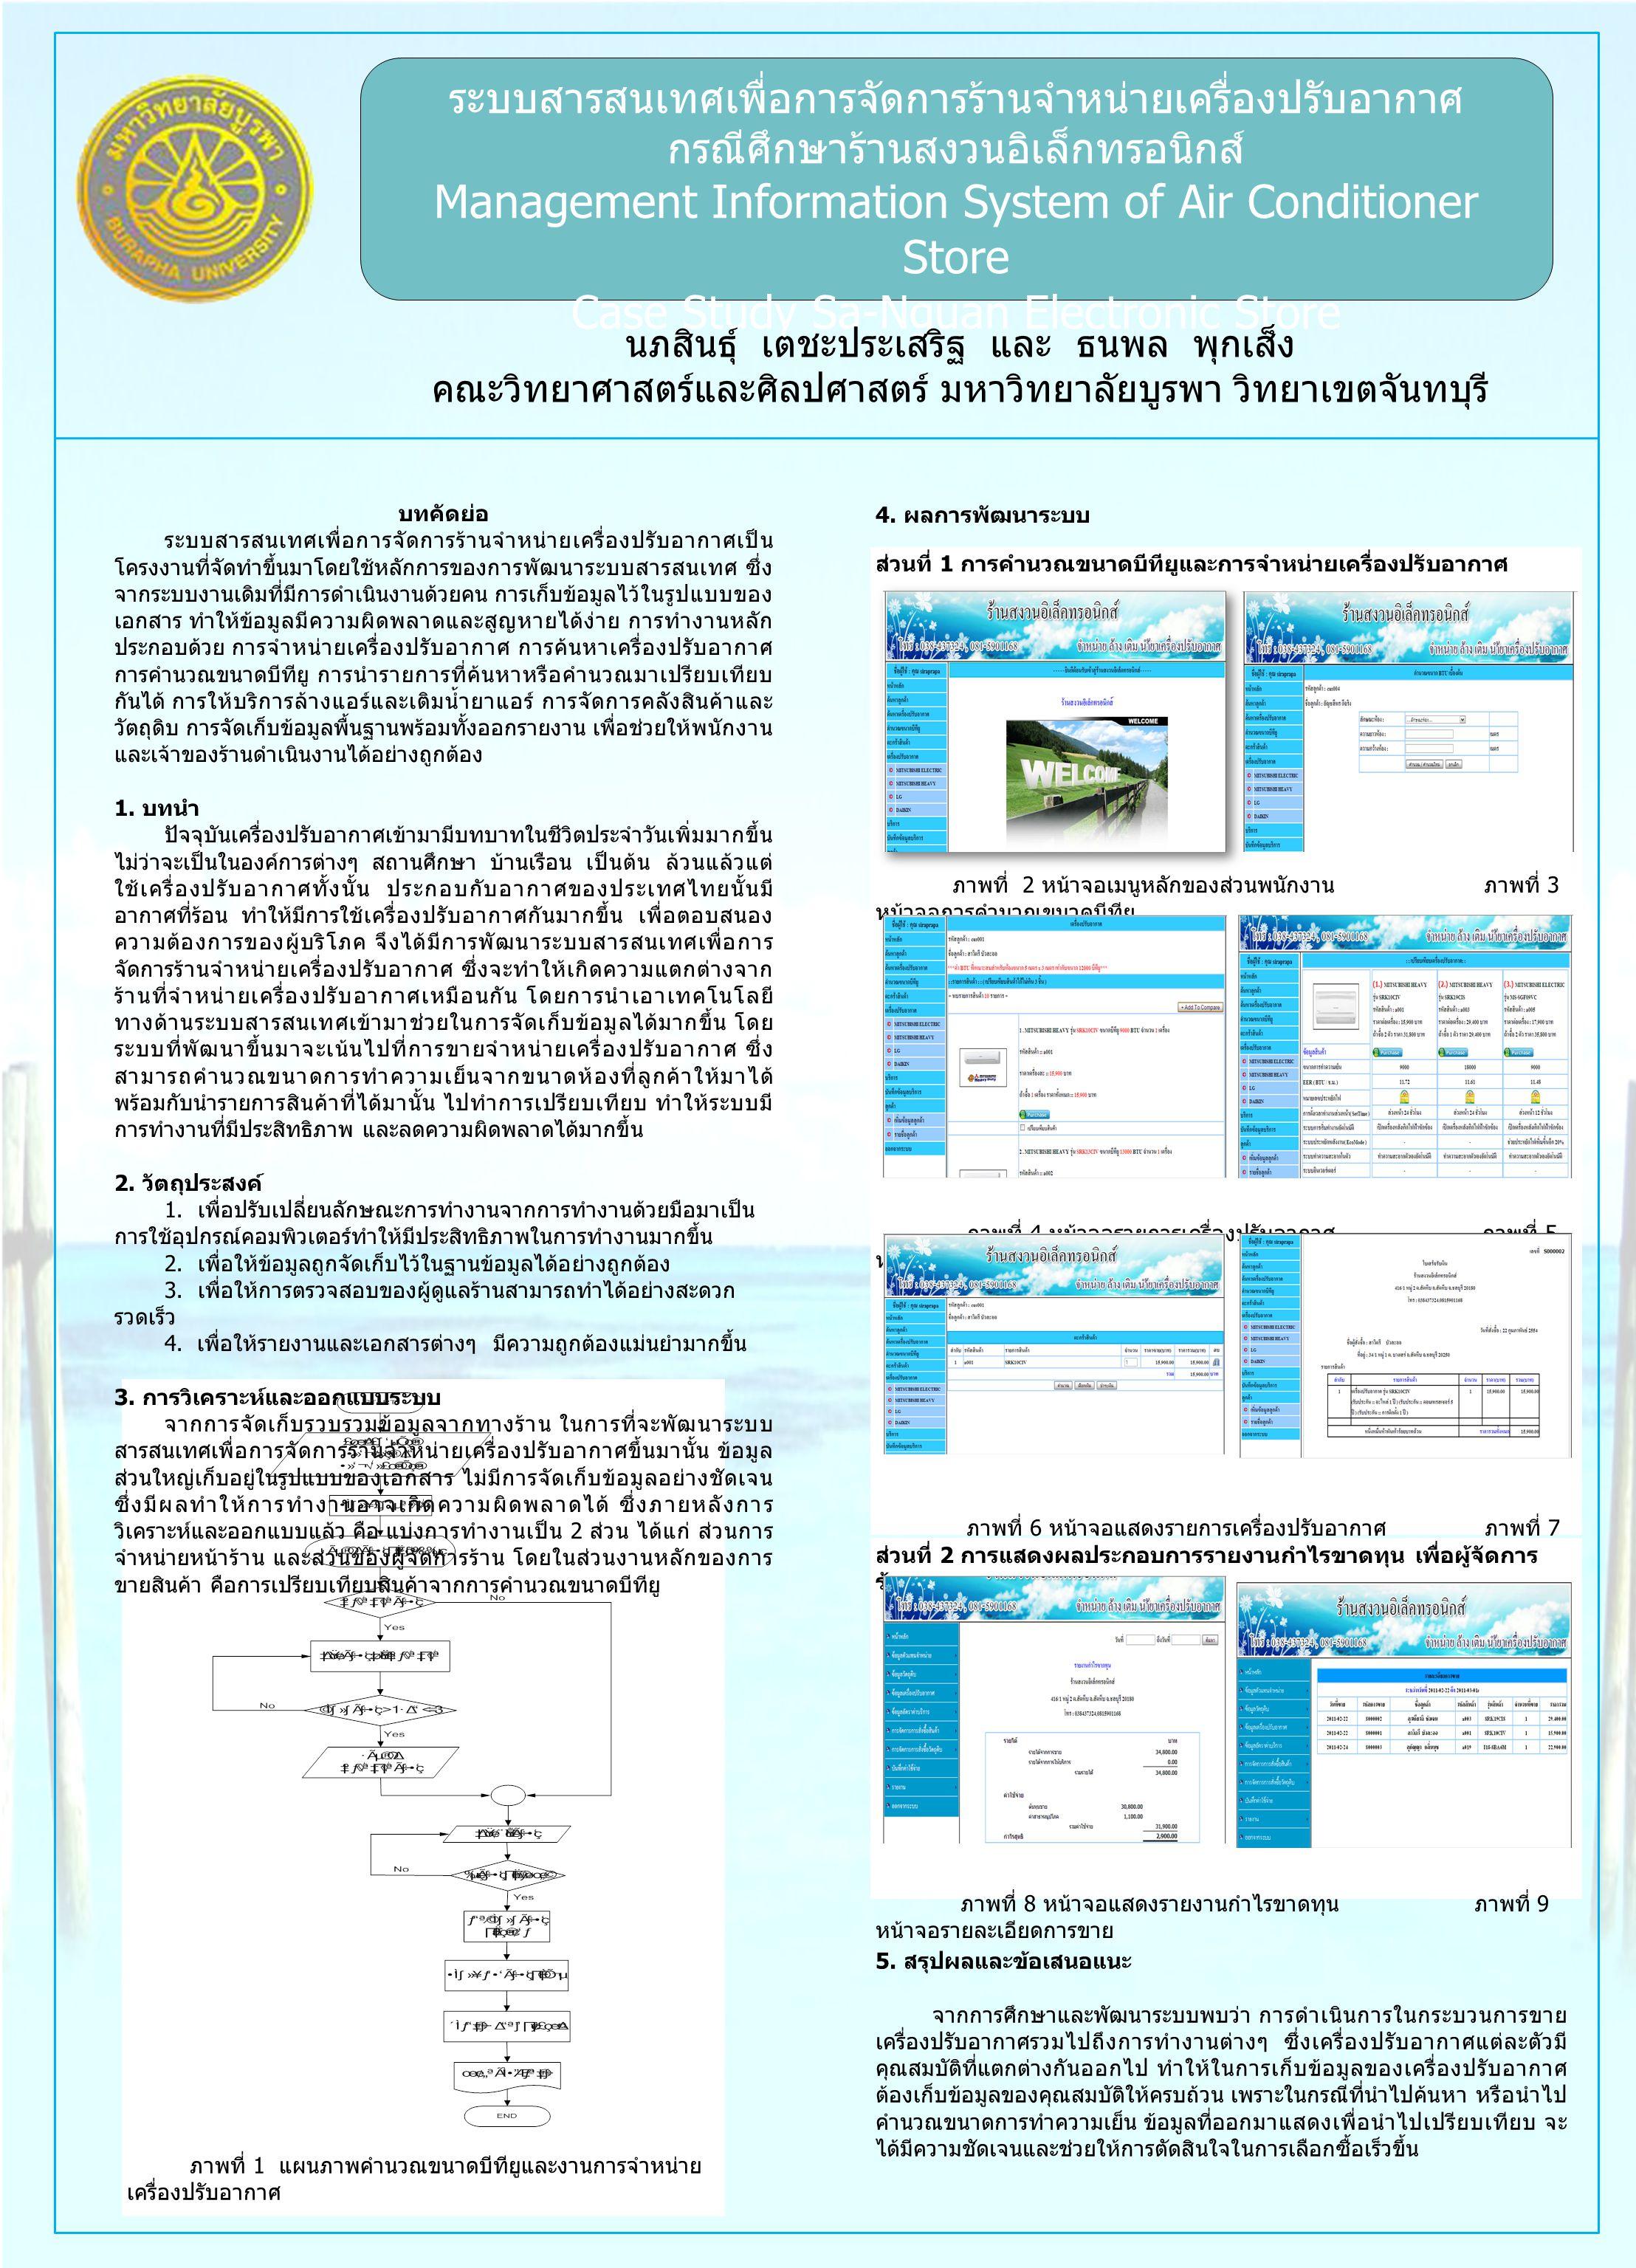 ภาพที่ 1 แผนภาพคำนวณขนาดบีทียูและงานการจำหน่าย เครื่องปรับอากาศ ส่วนที่ 1 การคำนวณขนาดบีทียูและการจำหน่ายเครื่องปรับอากาศ ภาพที่ 2 หน้าจอเมนูหลักของส่